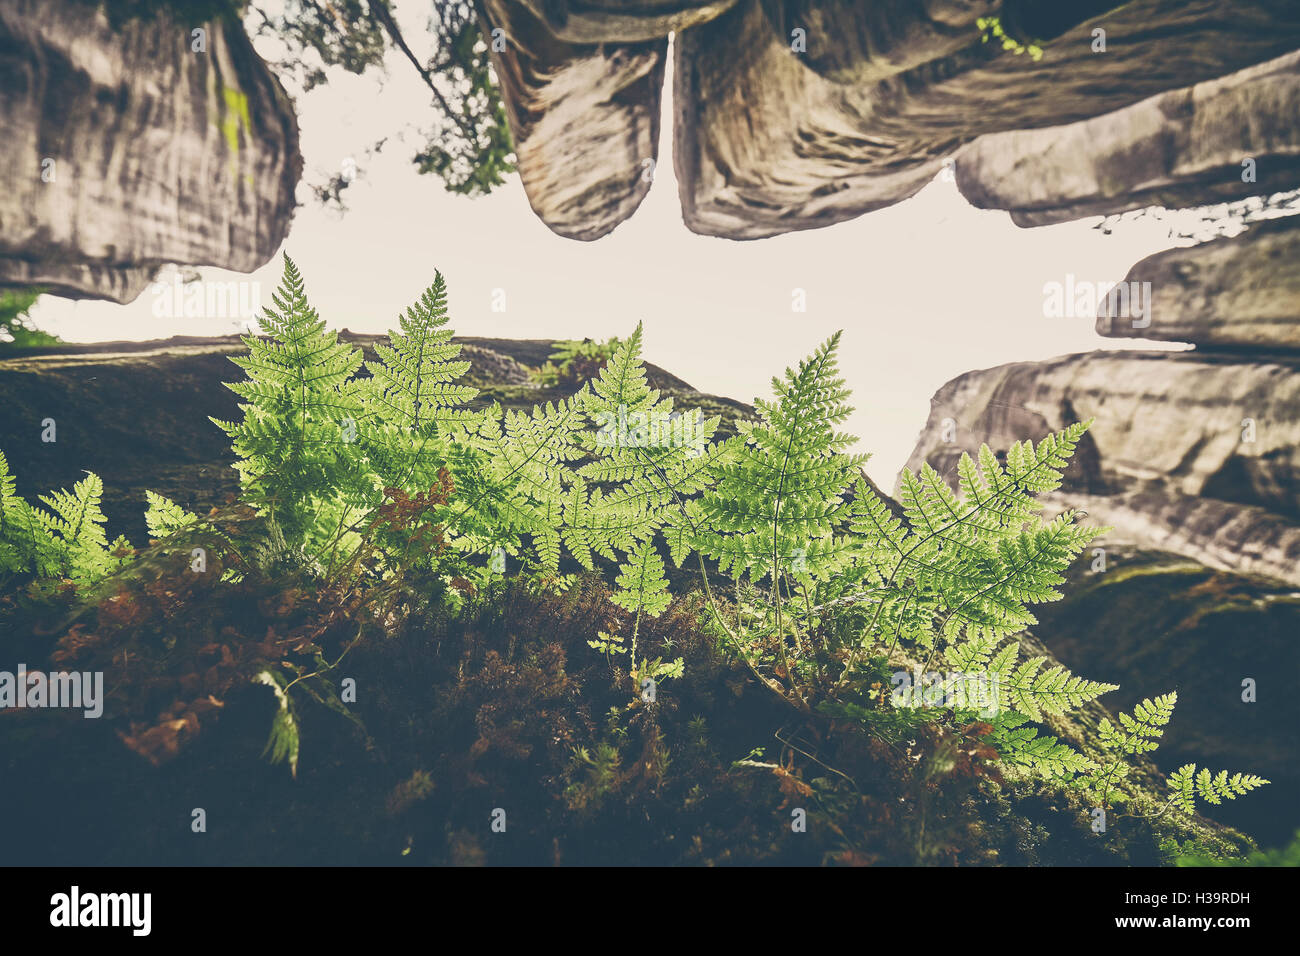 Tonos vintage de hojas de helecho en roca, mirando las montañas, el enfoque selectivo. Imagen De Stock